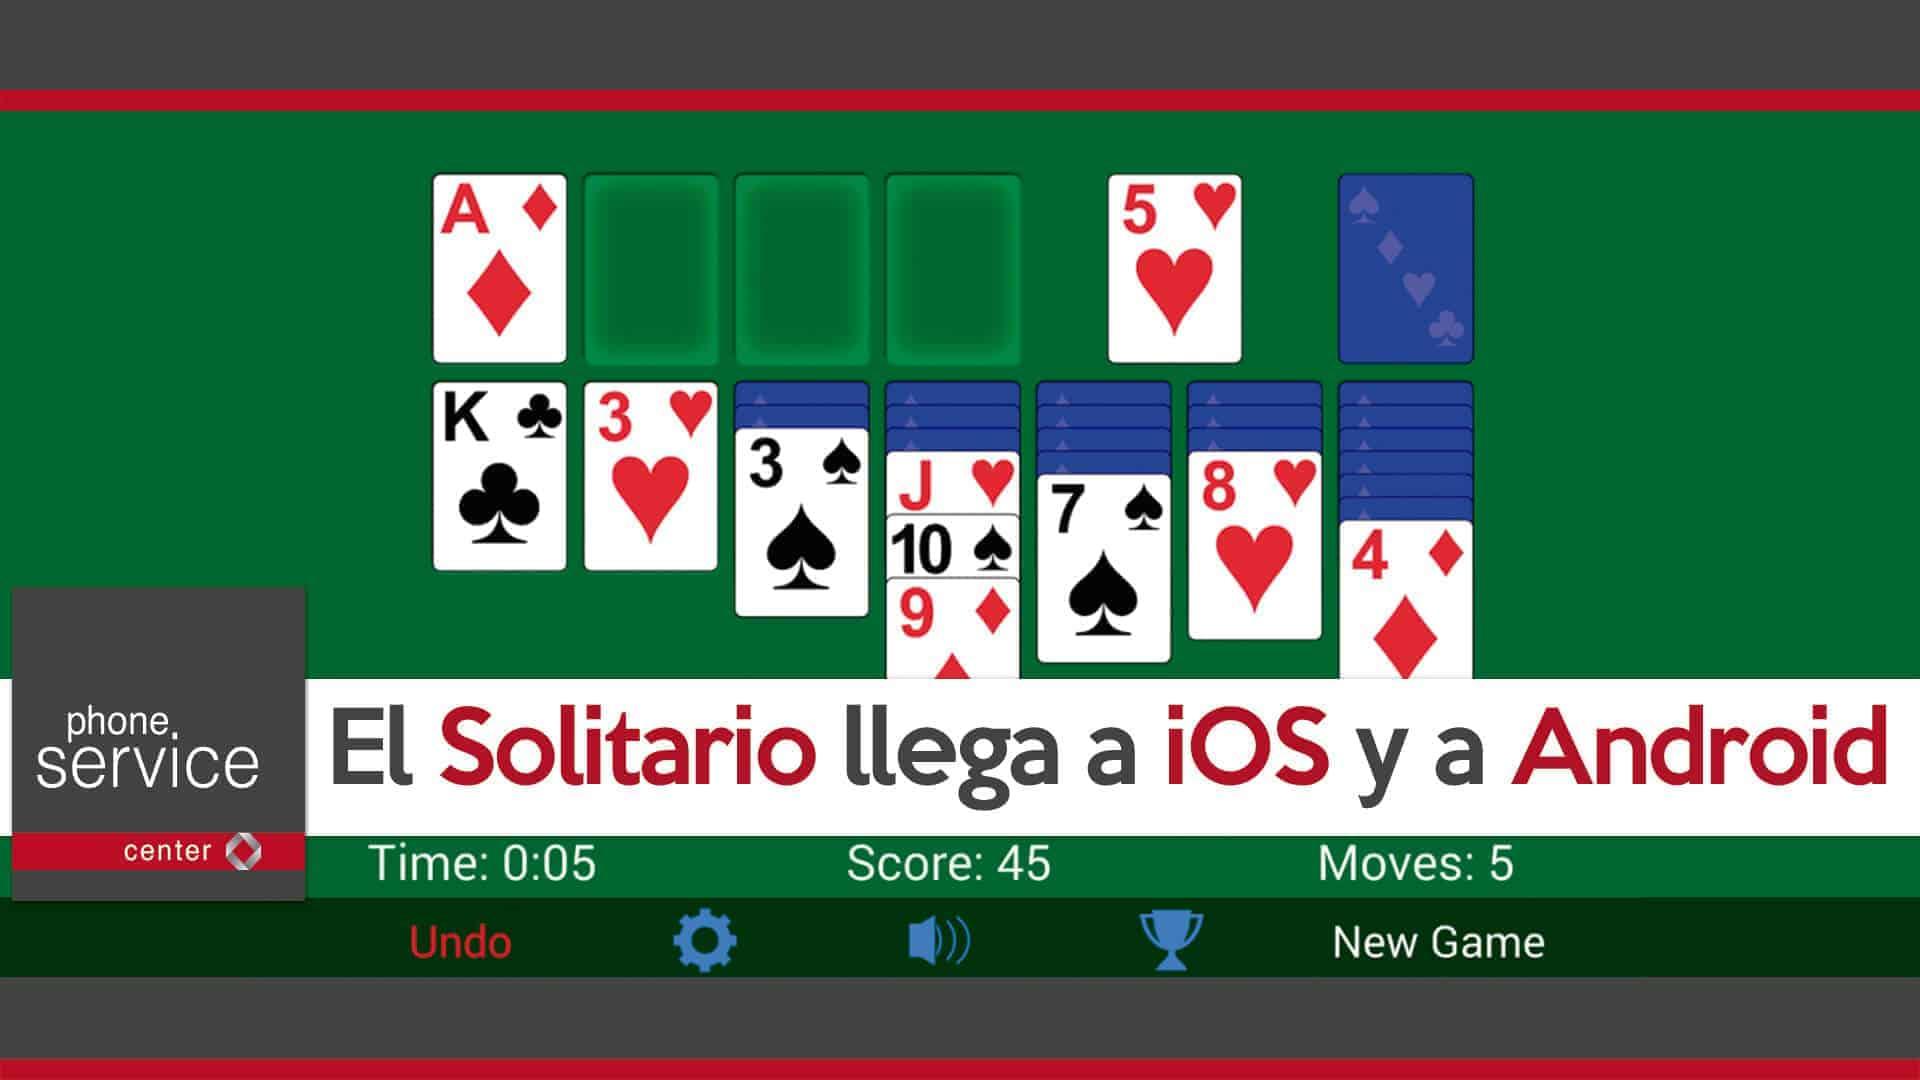 El Solitario llega a iOS y a Android